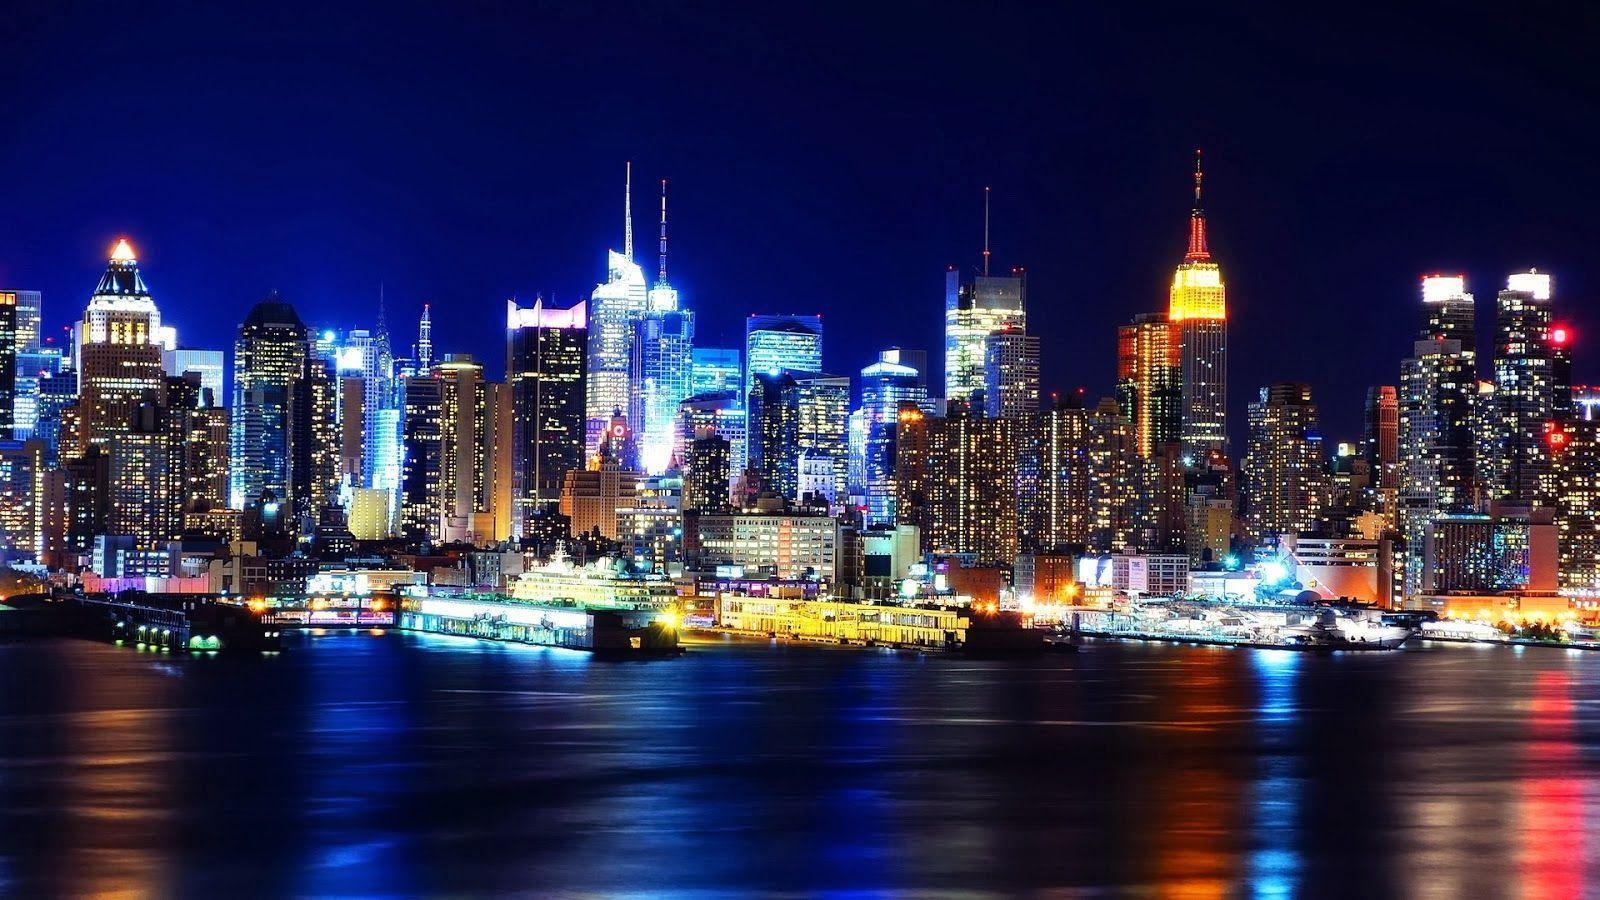 HD City Wallpapers 1080p - WallpaperSafari